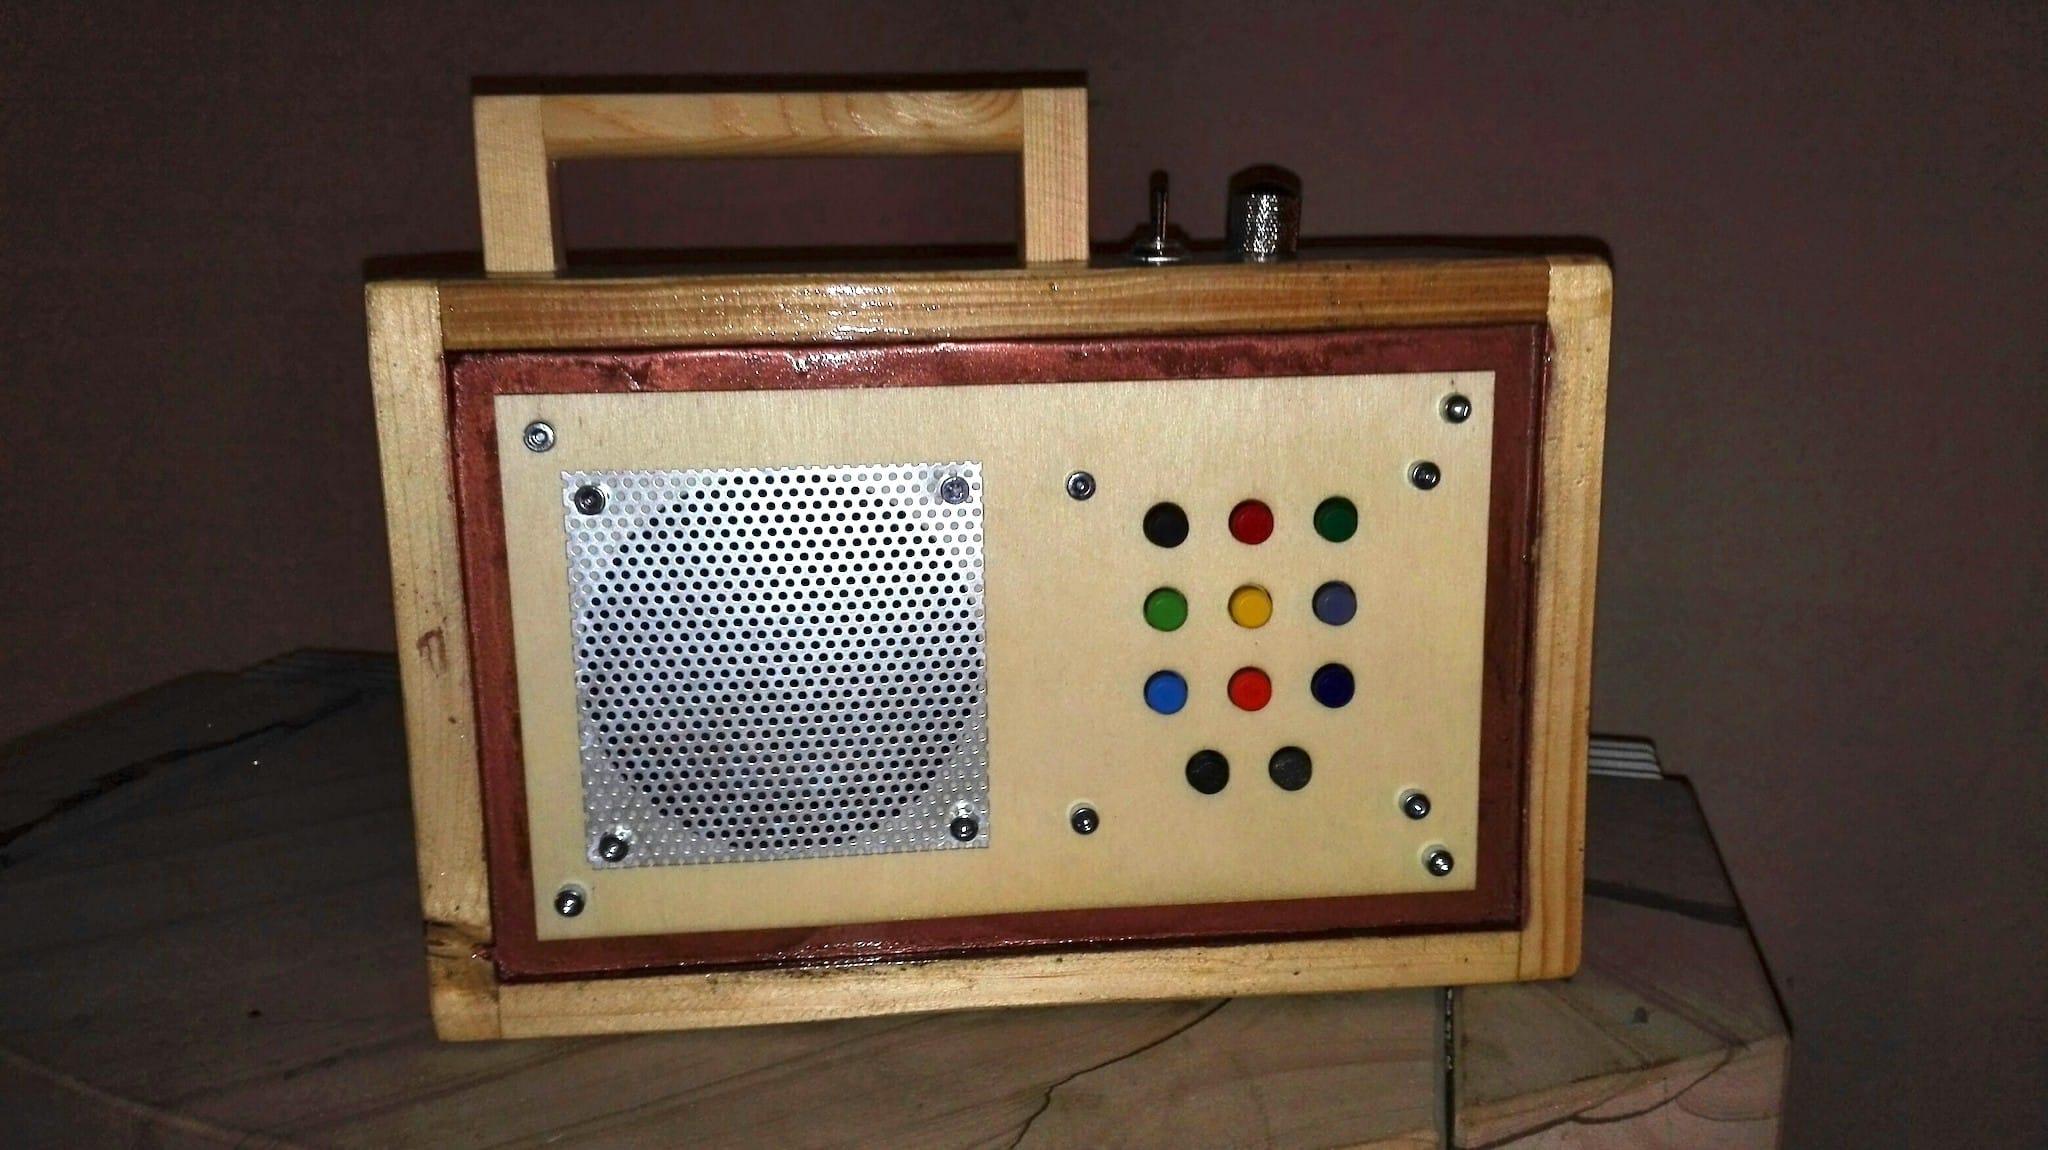 Handarbeit mit Holz, Plastik und Metall an einem Musik Player